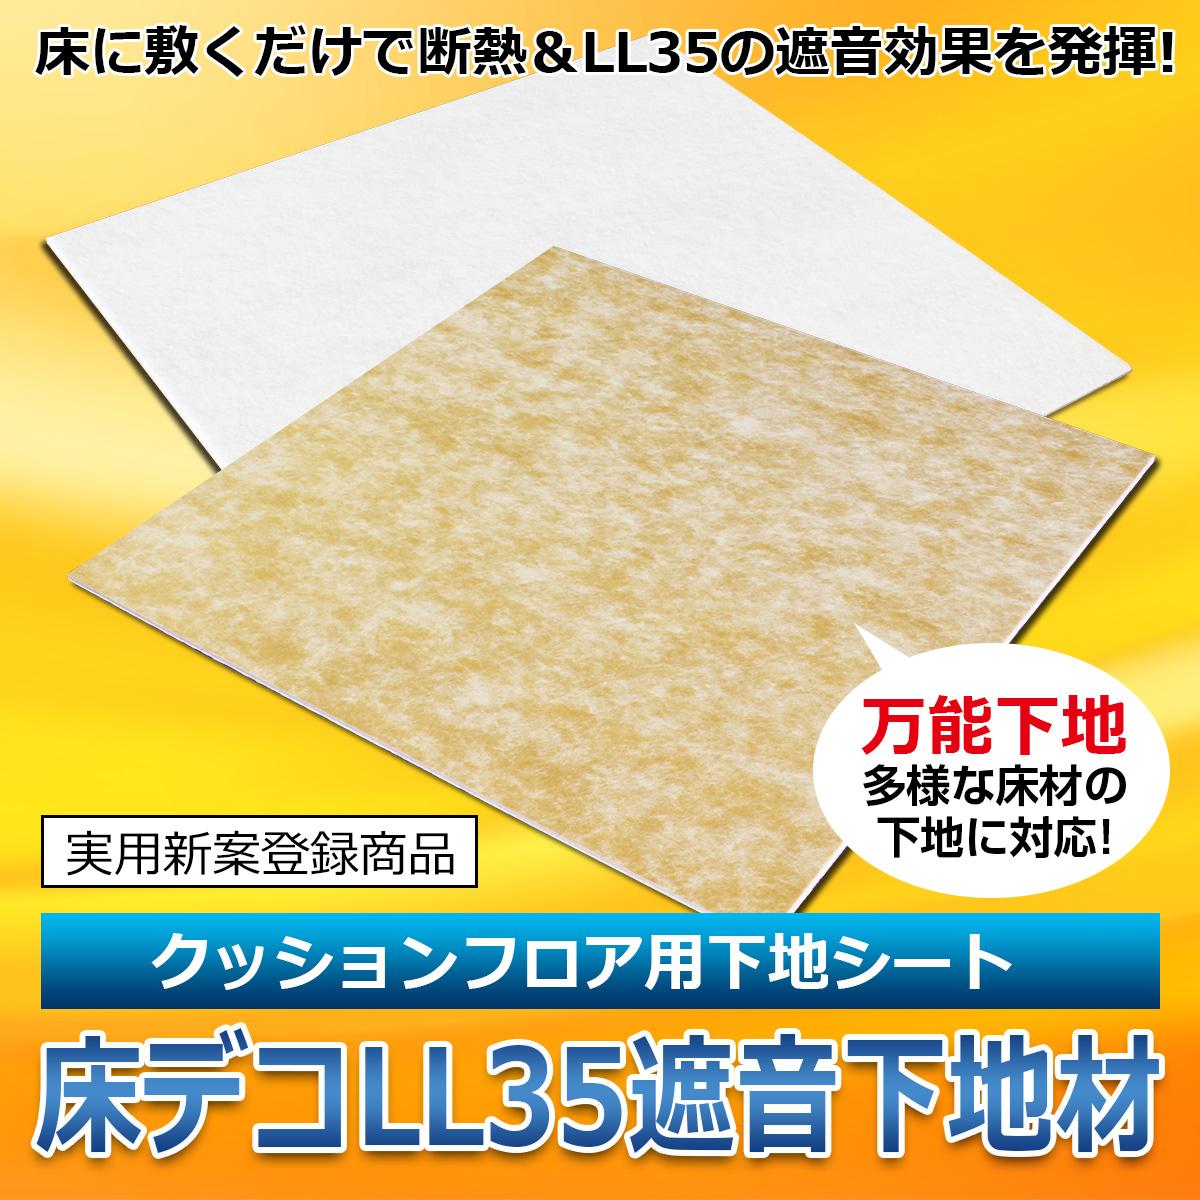 床に敷くだけで断熱&LL35の遮音効果 クッションフロア用下地シート 床デコLL35遮音下地材